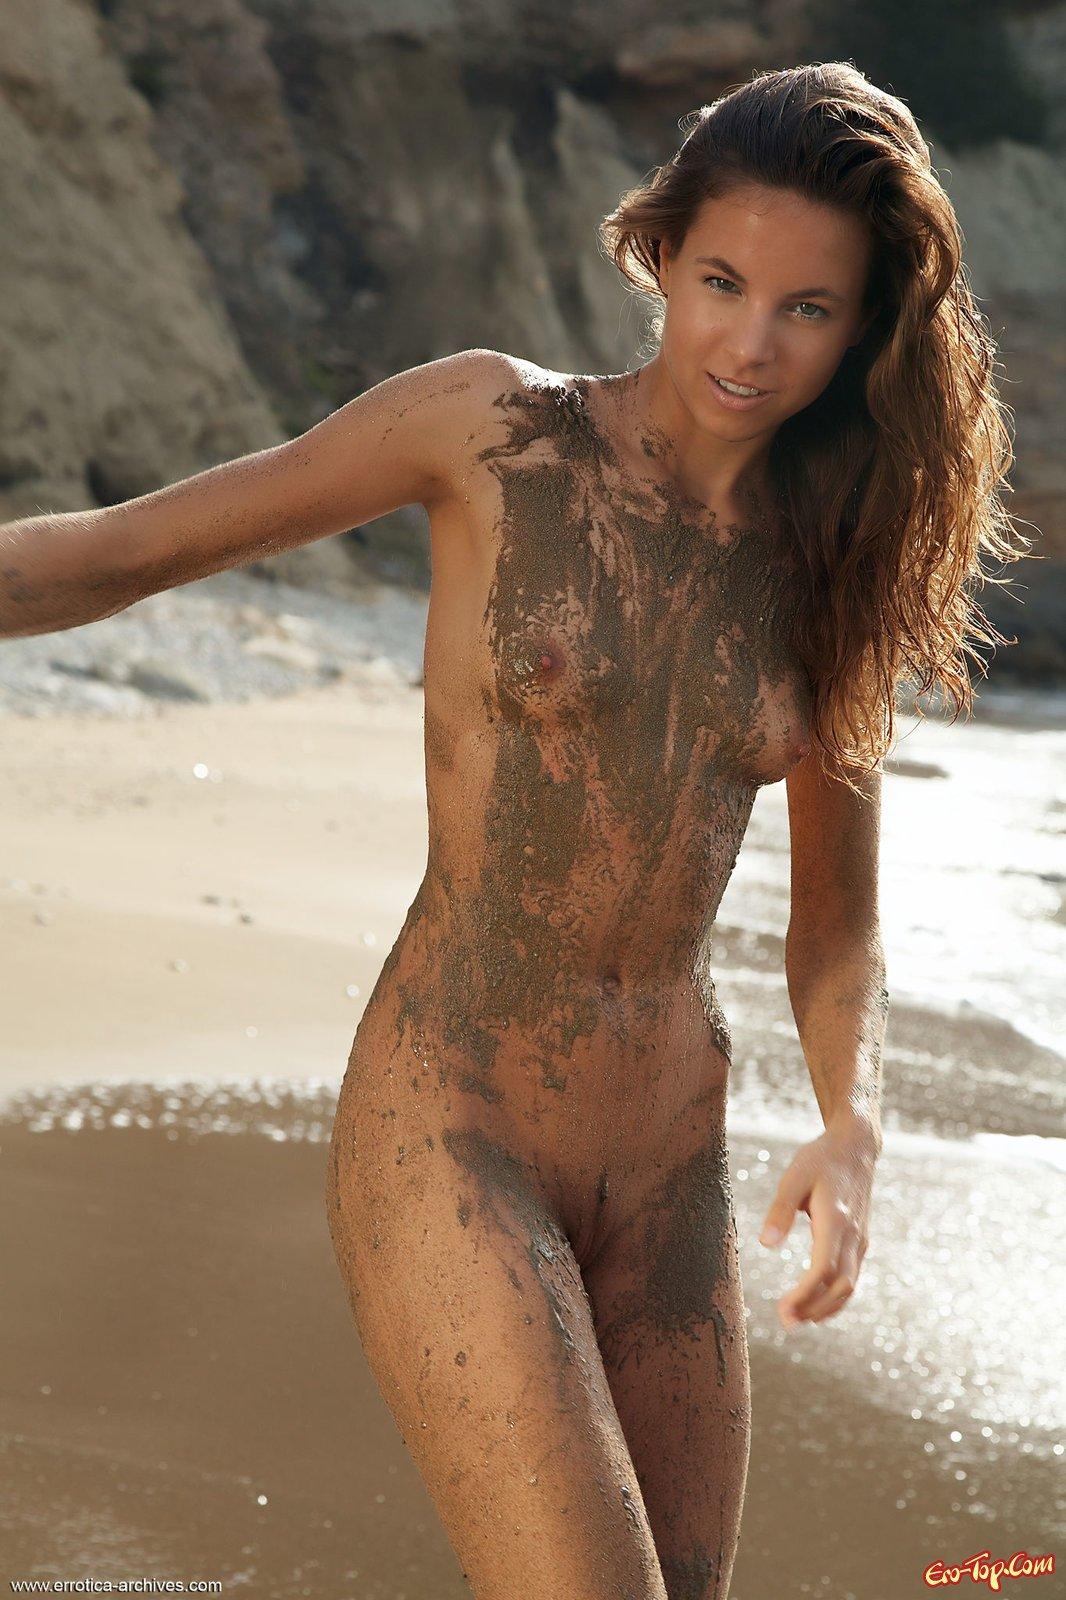 Загорелая девушка обмазалась грязью на море